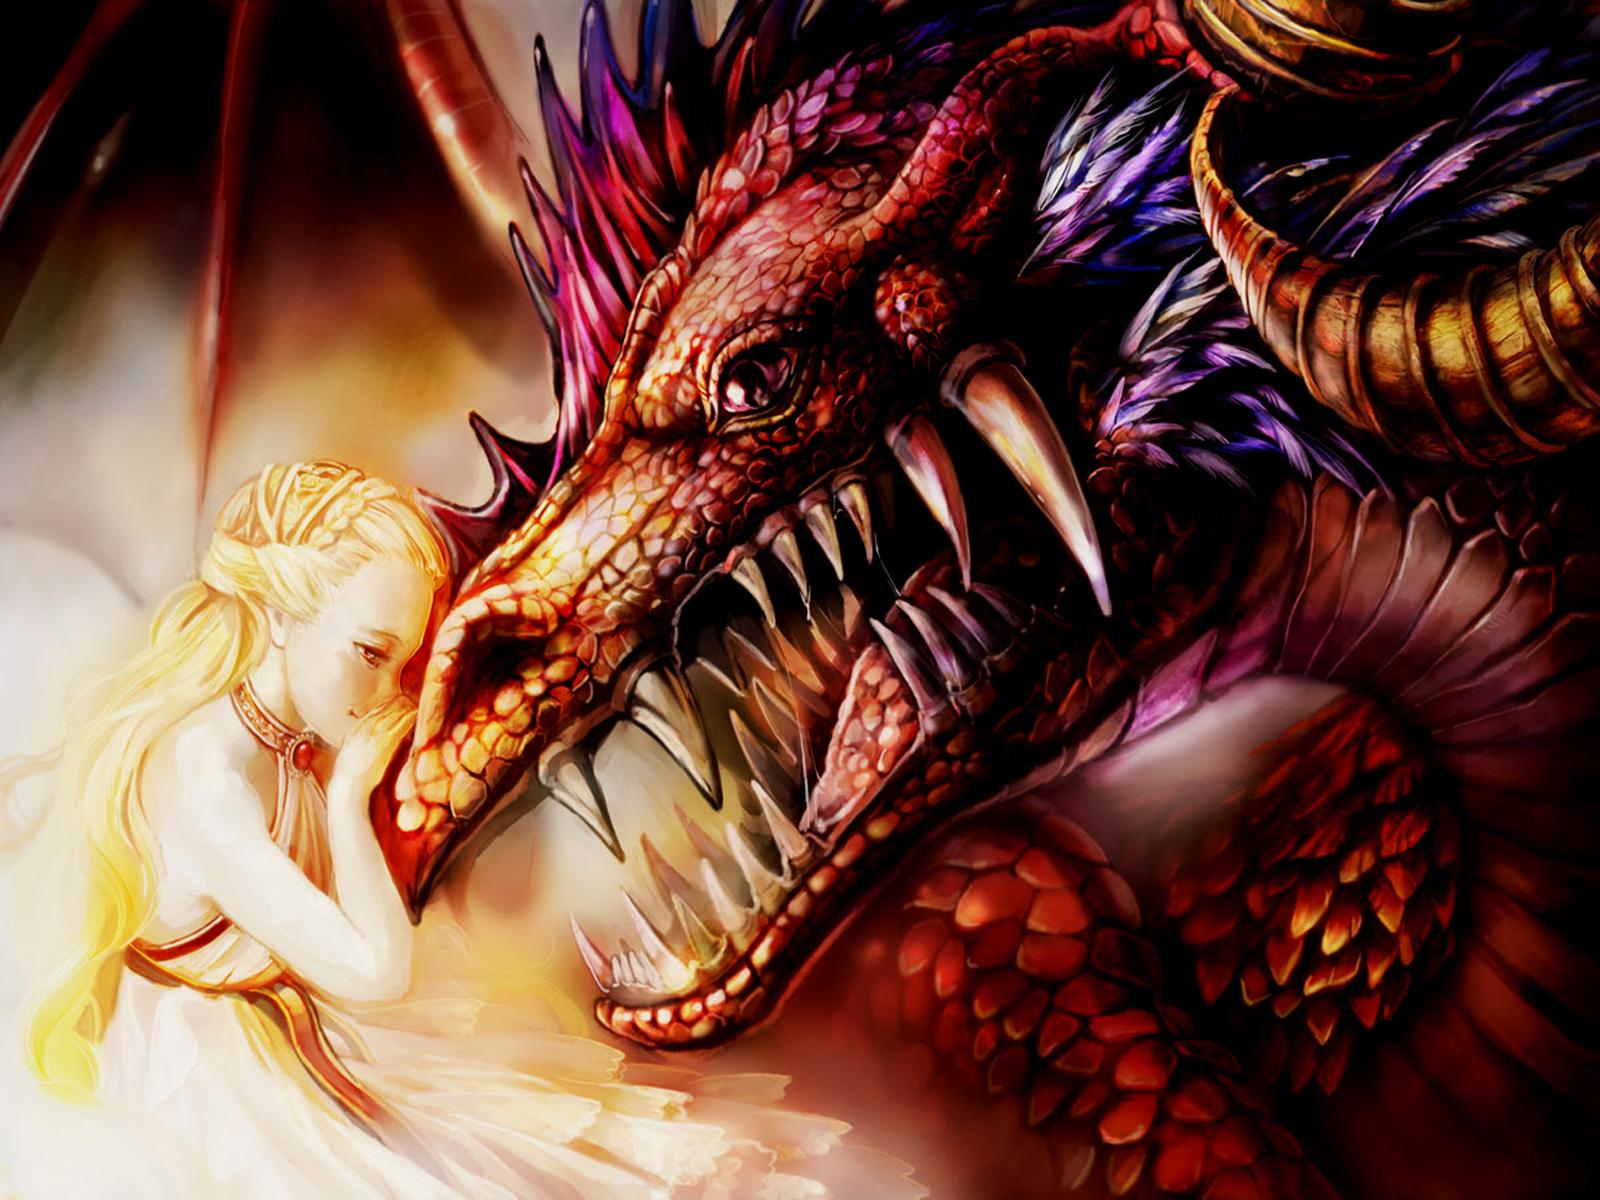 другу картинки с драконами мое фото